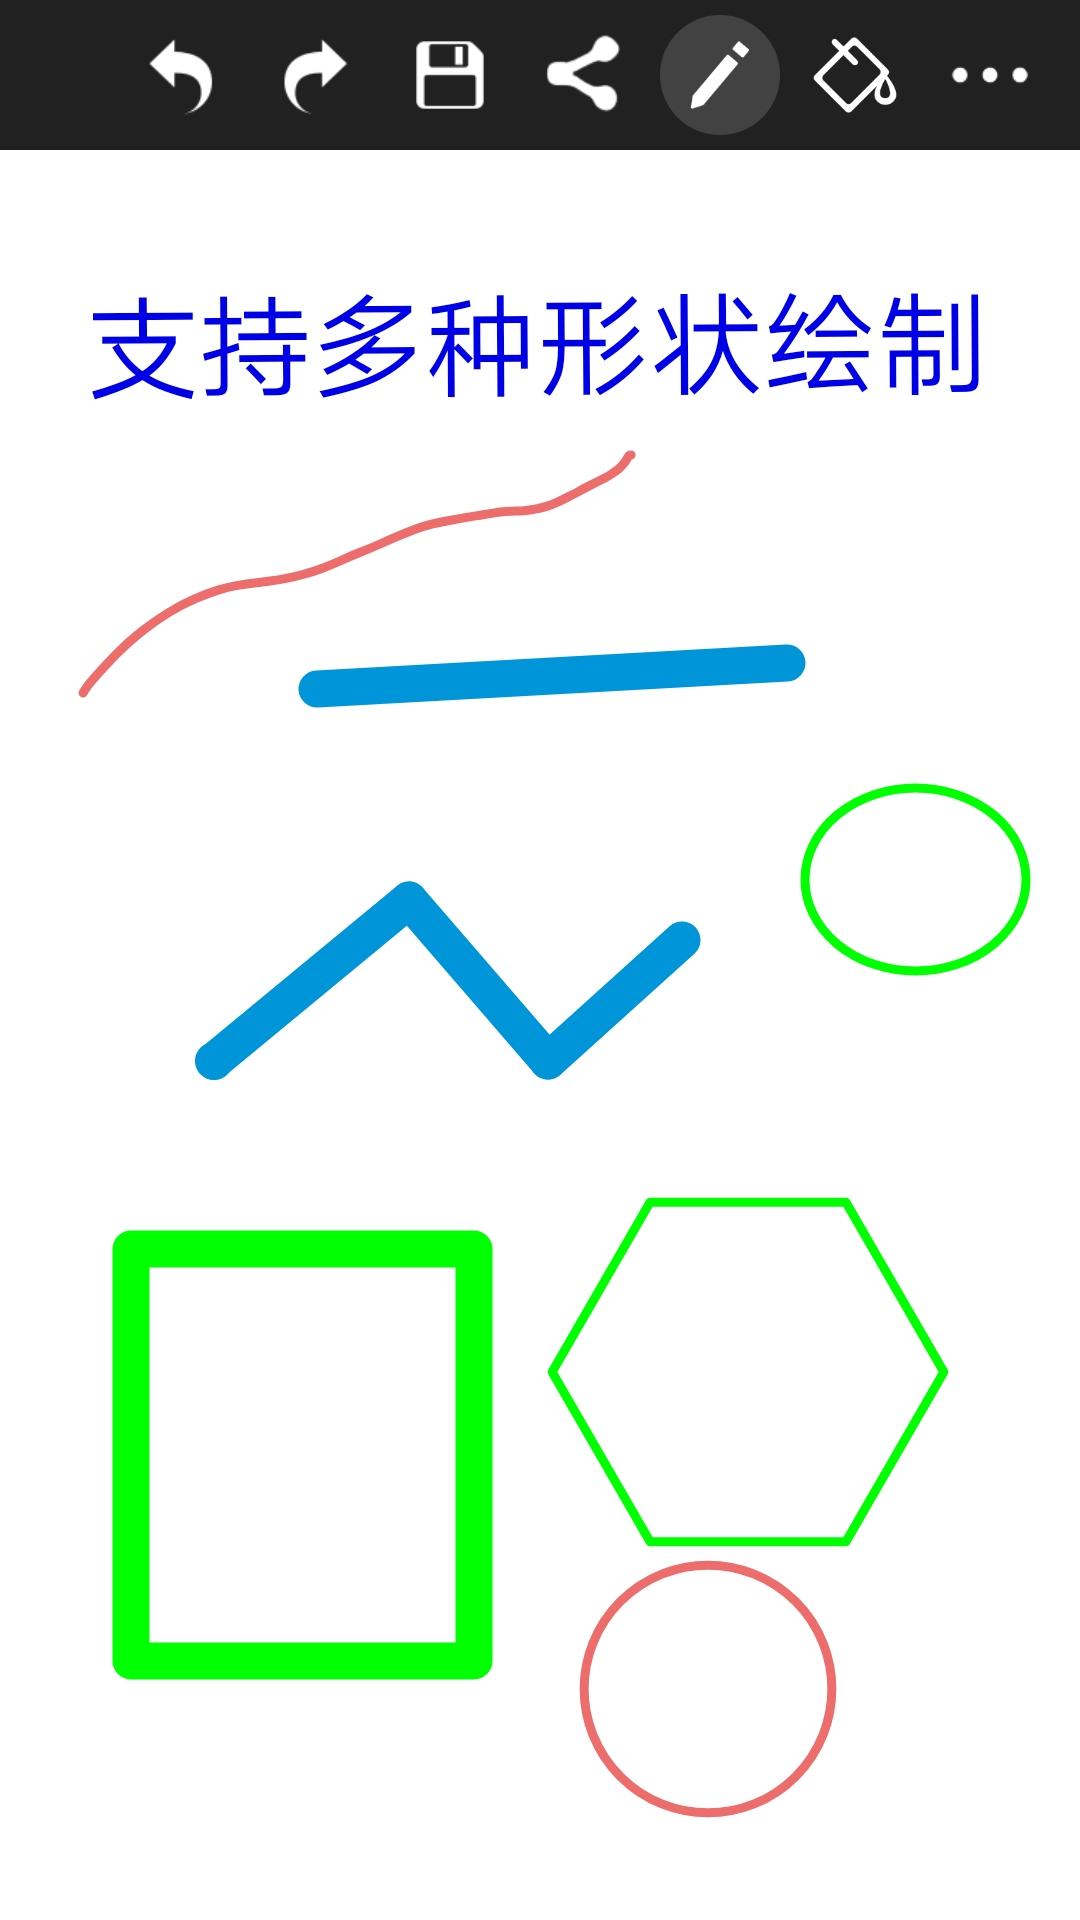 涂鸦画图截图(3)